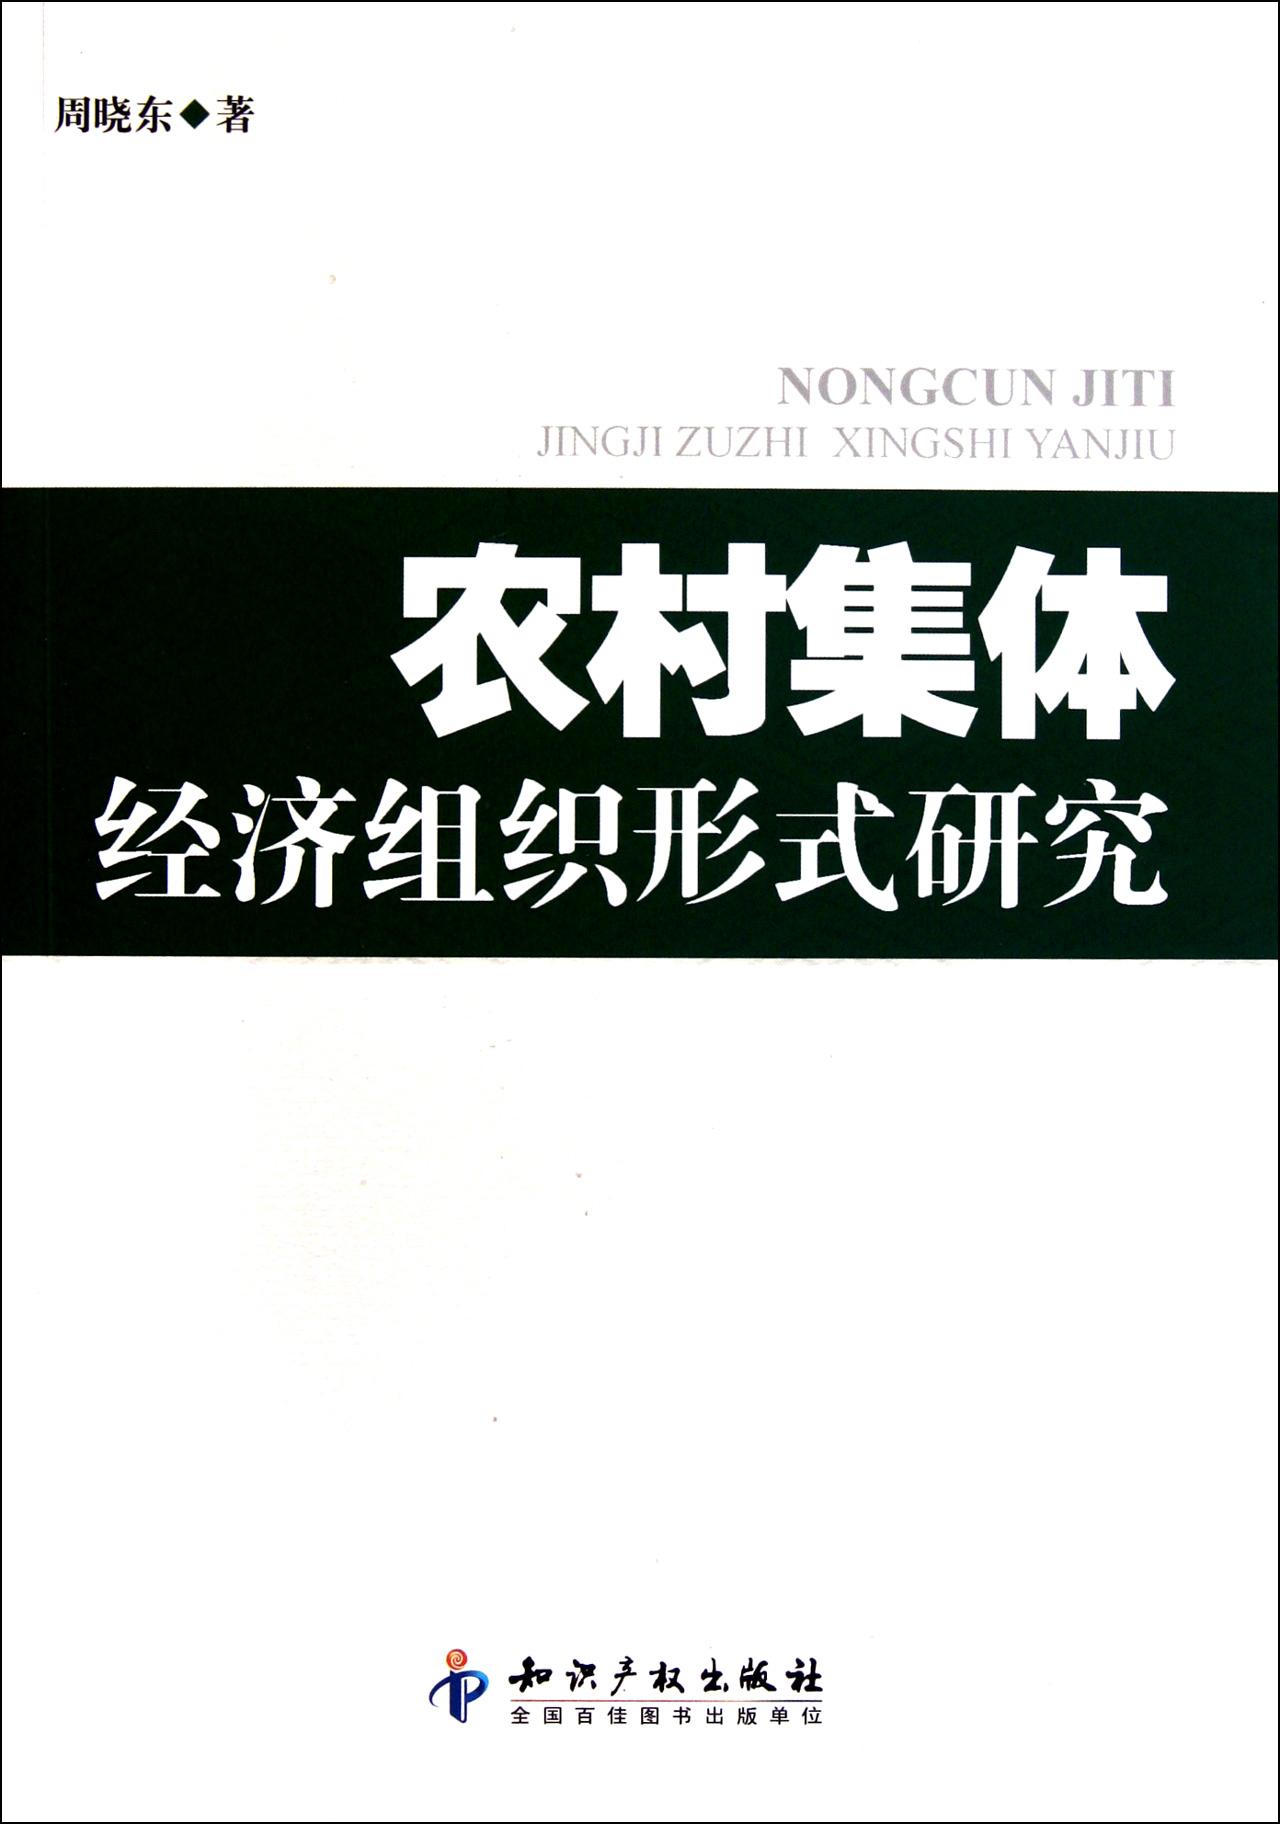 农村集体经济组织形式研究